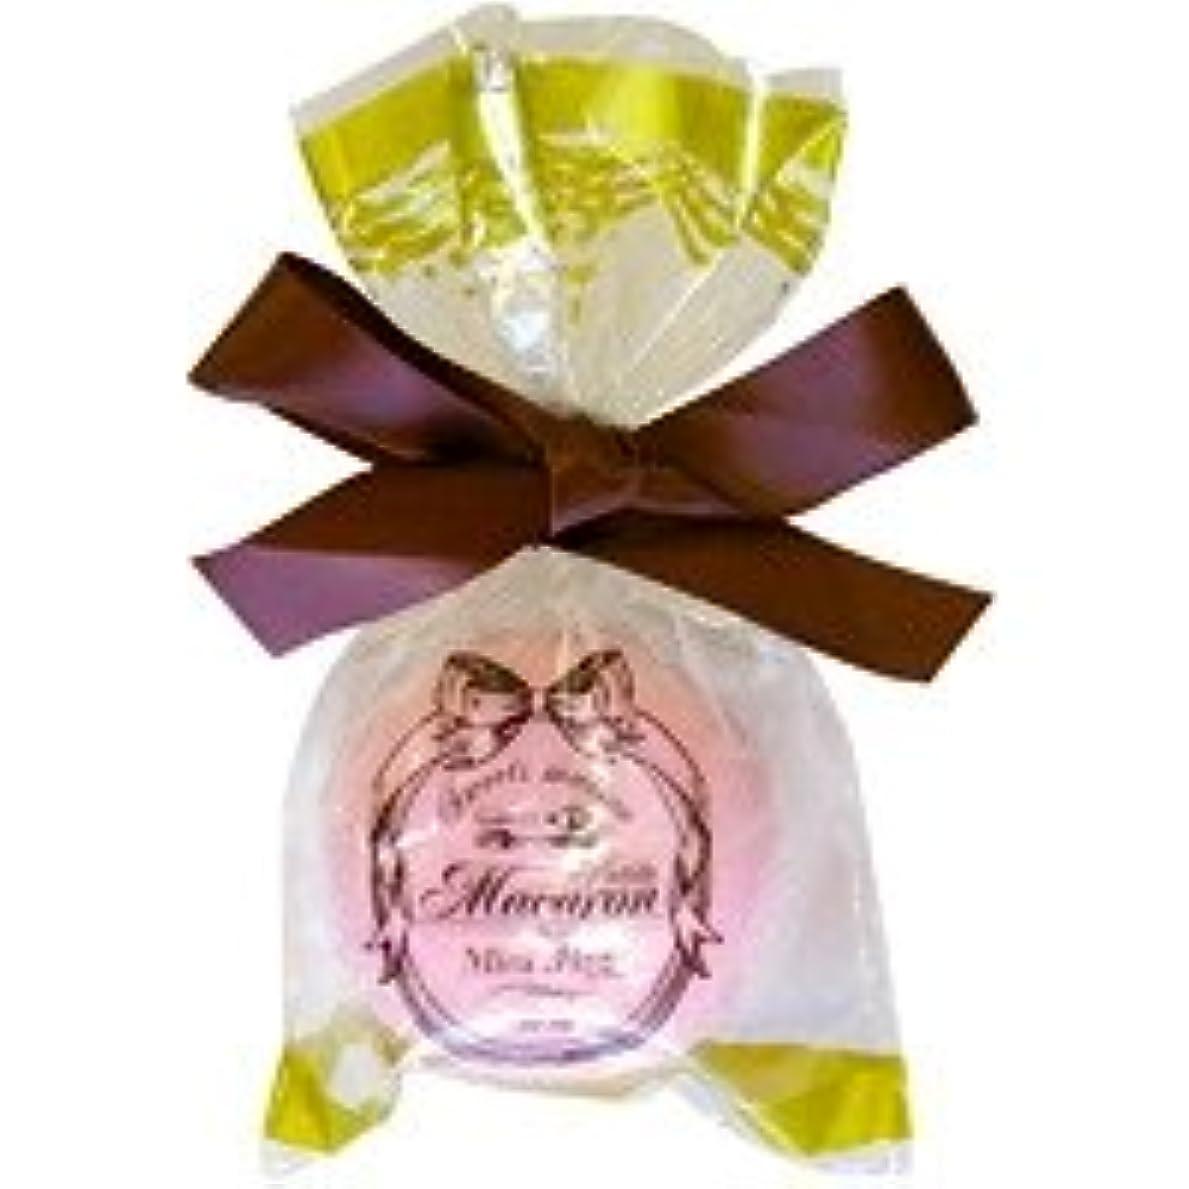 障害者終わり酸スウィーツメゾン プチマカロンフィズ「ピンク」12個セット 甘酸っぱいラズベリーの香り